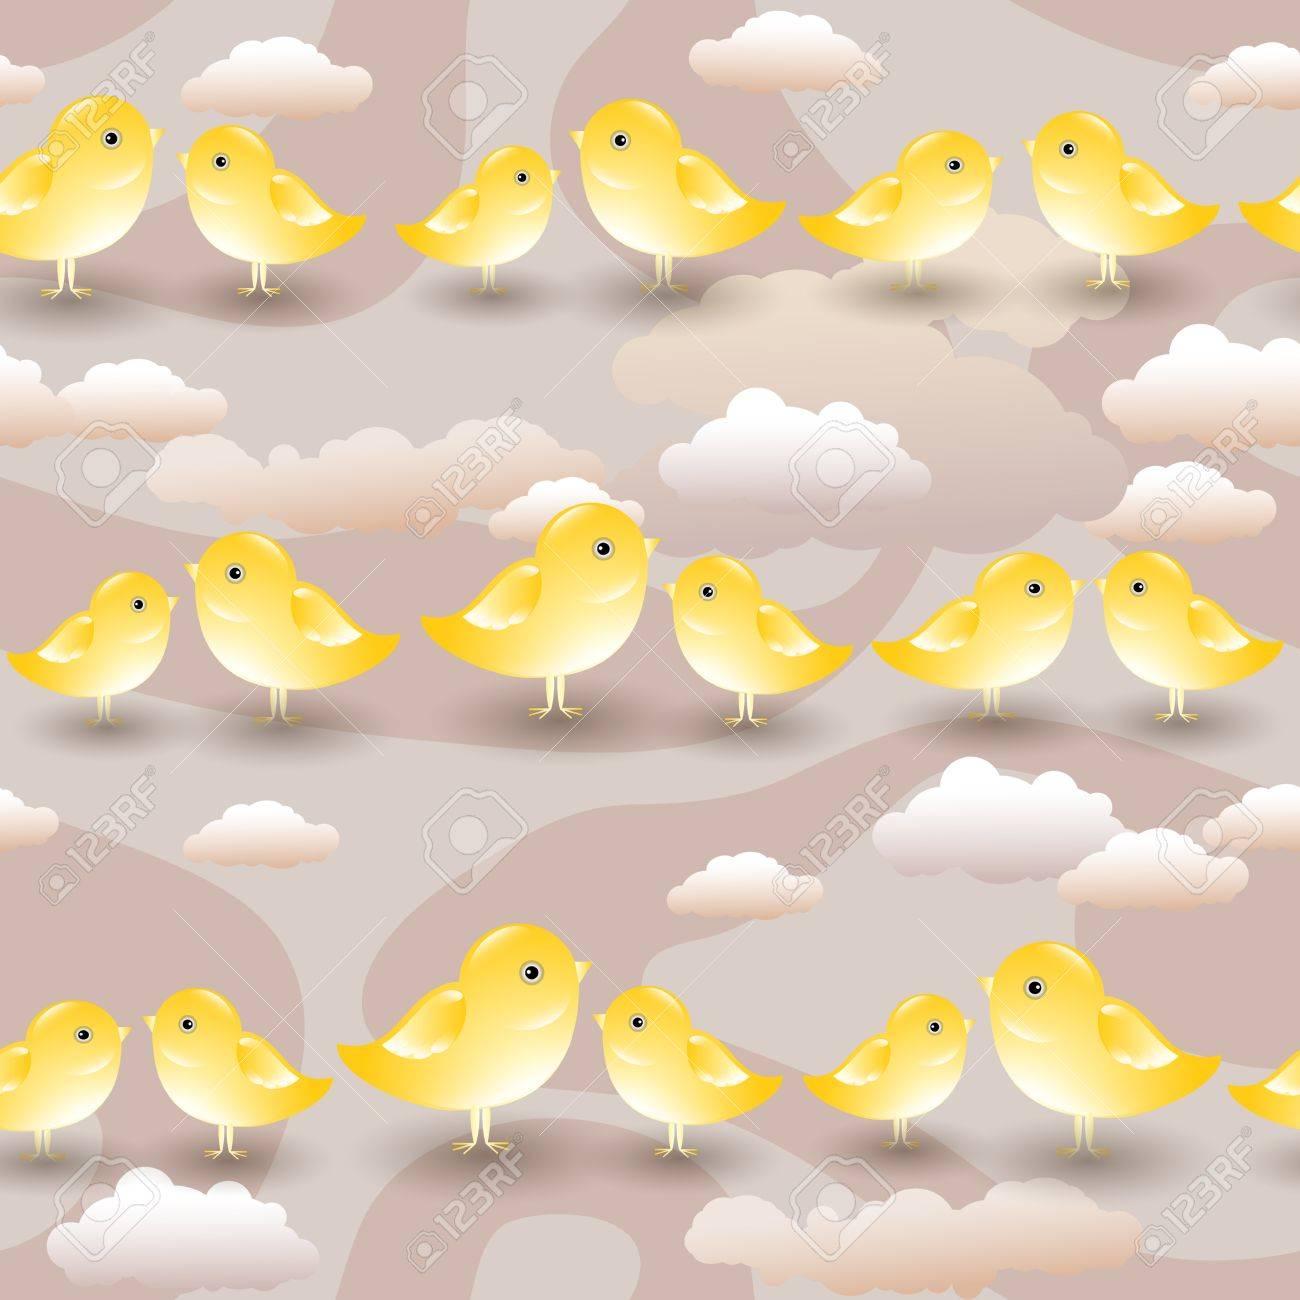 Patrones Sin Fisuras Con Las Aves De Dibujos Animados De Color ...